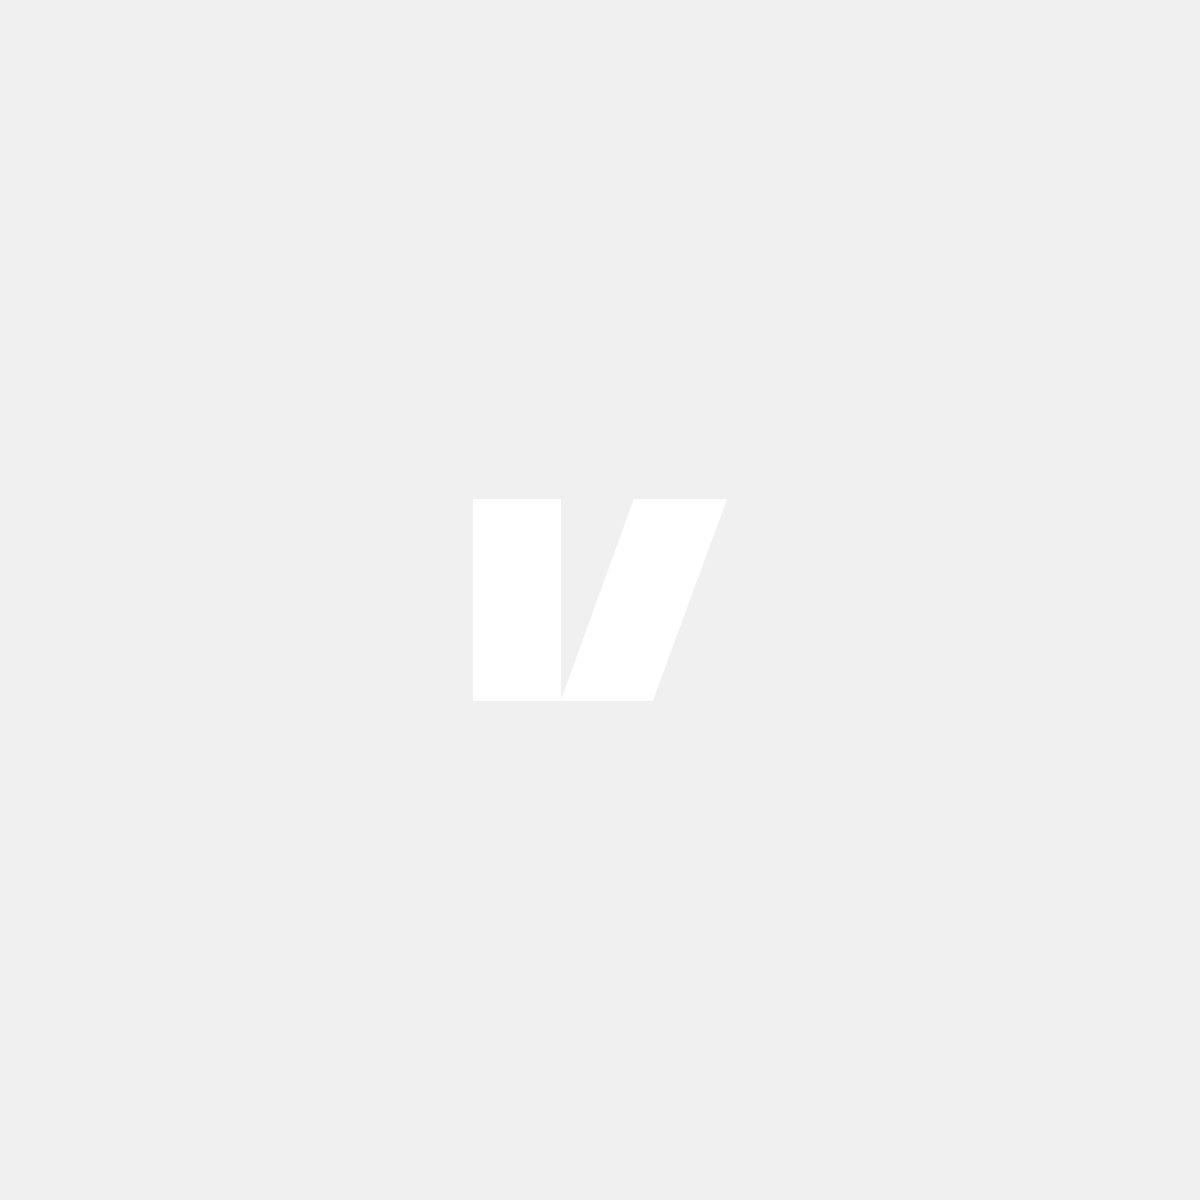 Lasthållare / takräcke med vingprofil till Volvo V70 00-07